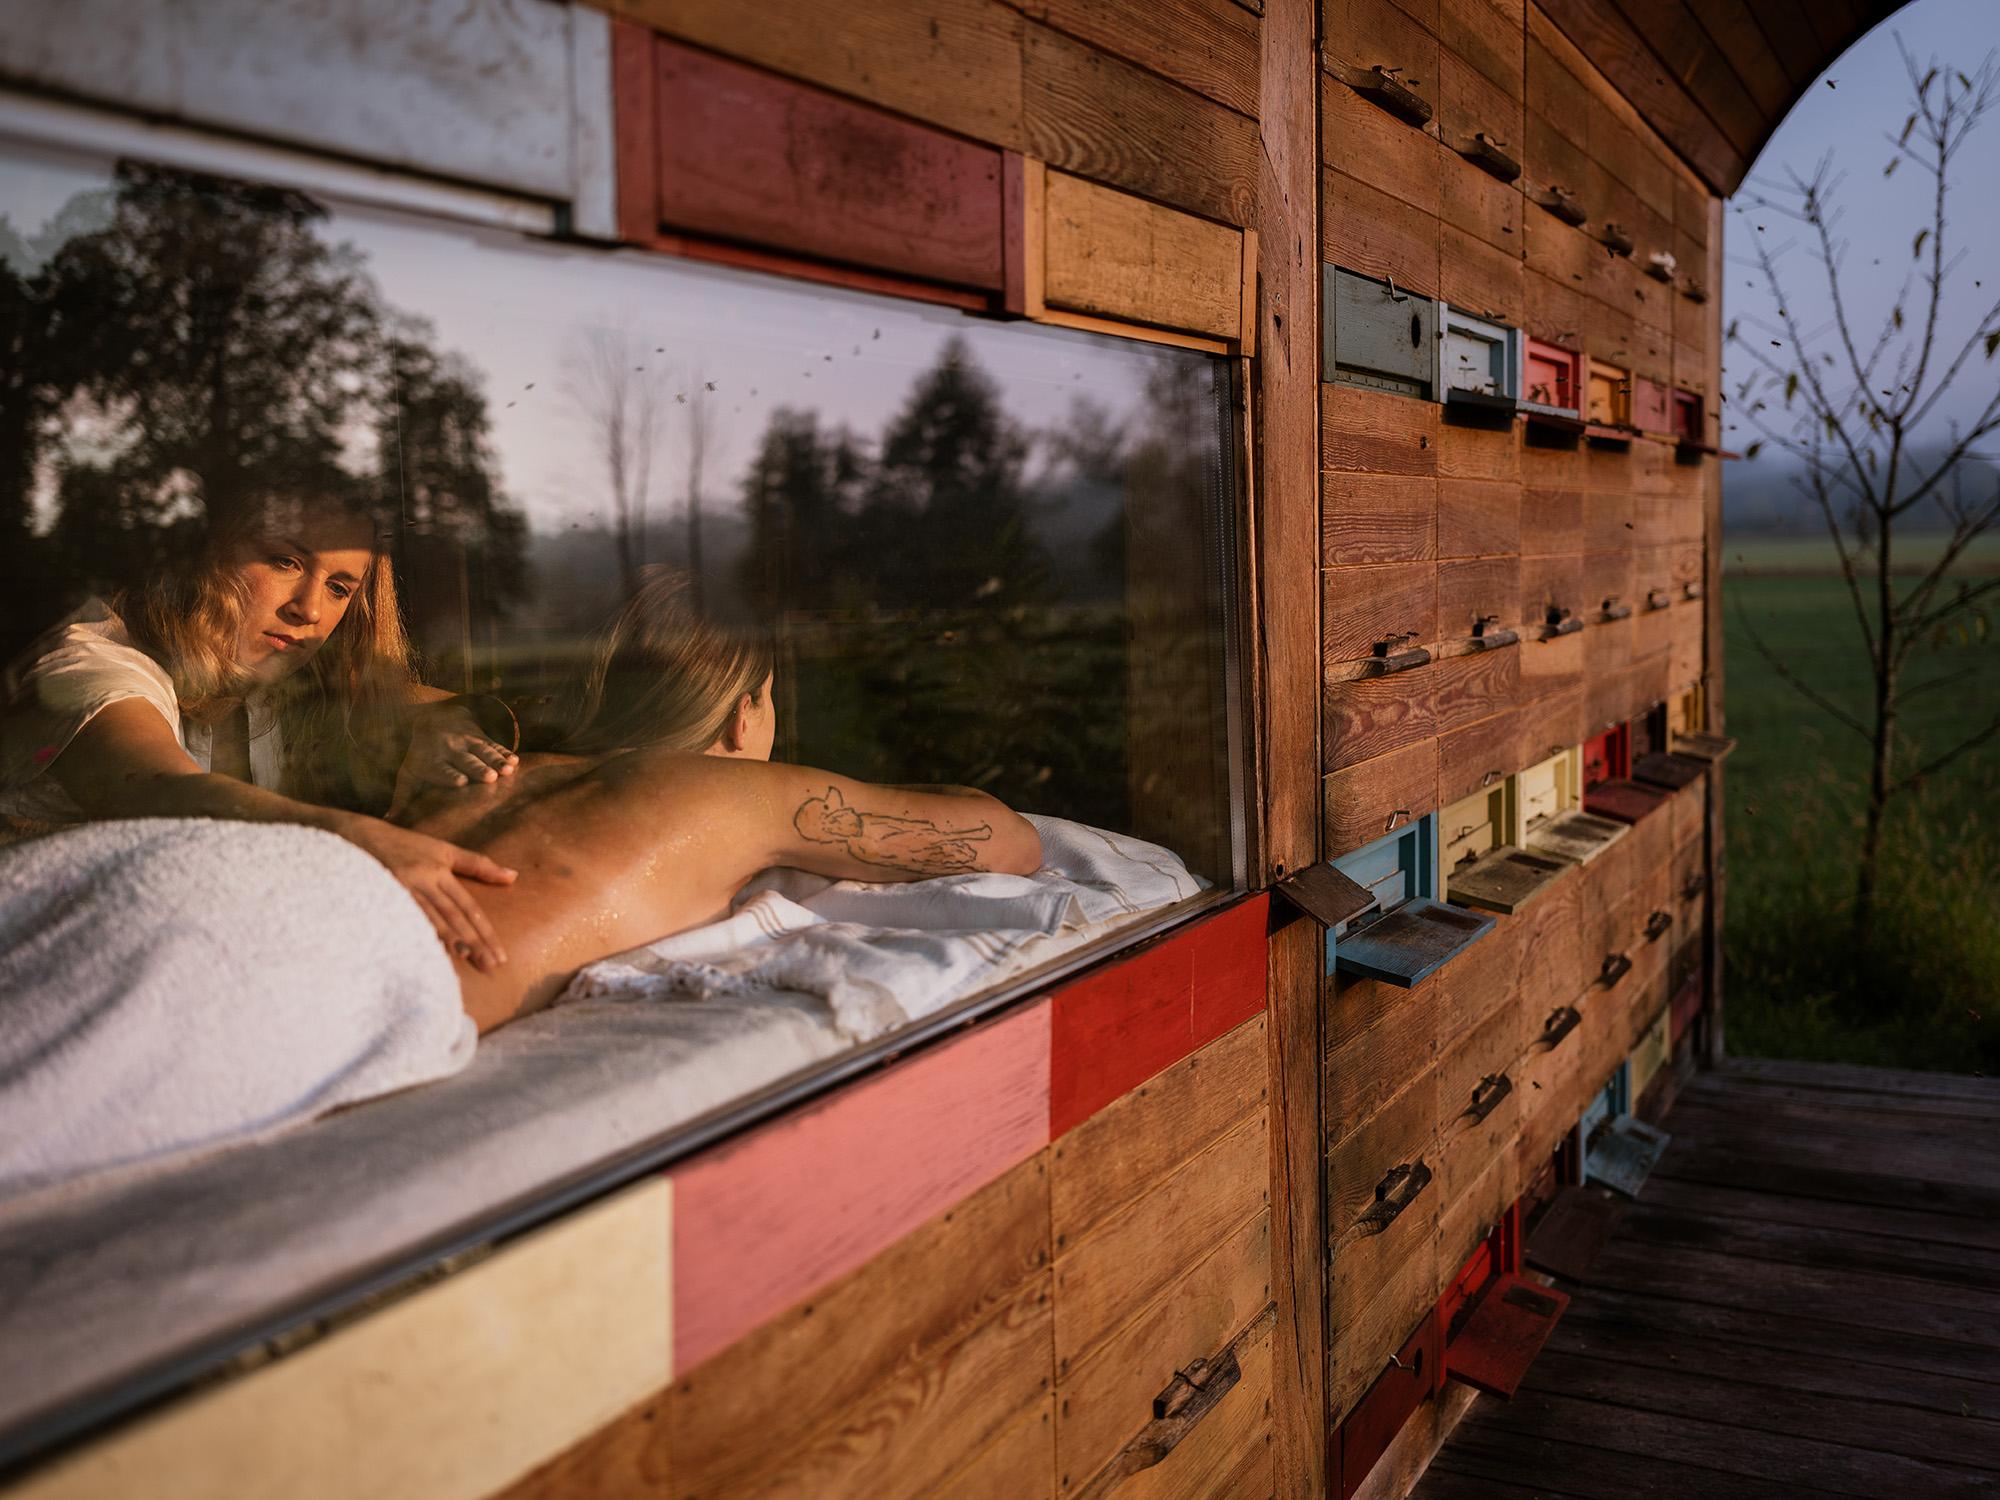 medena masaža v čebelnjaku